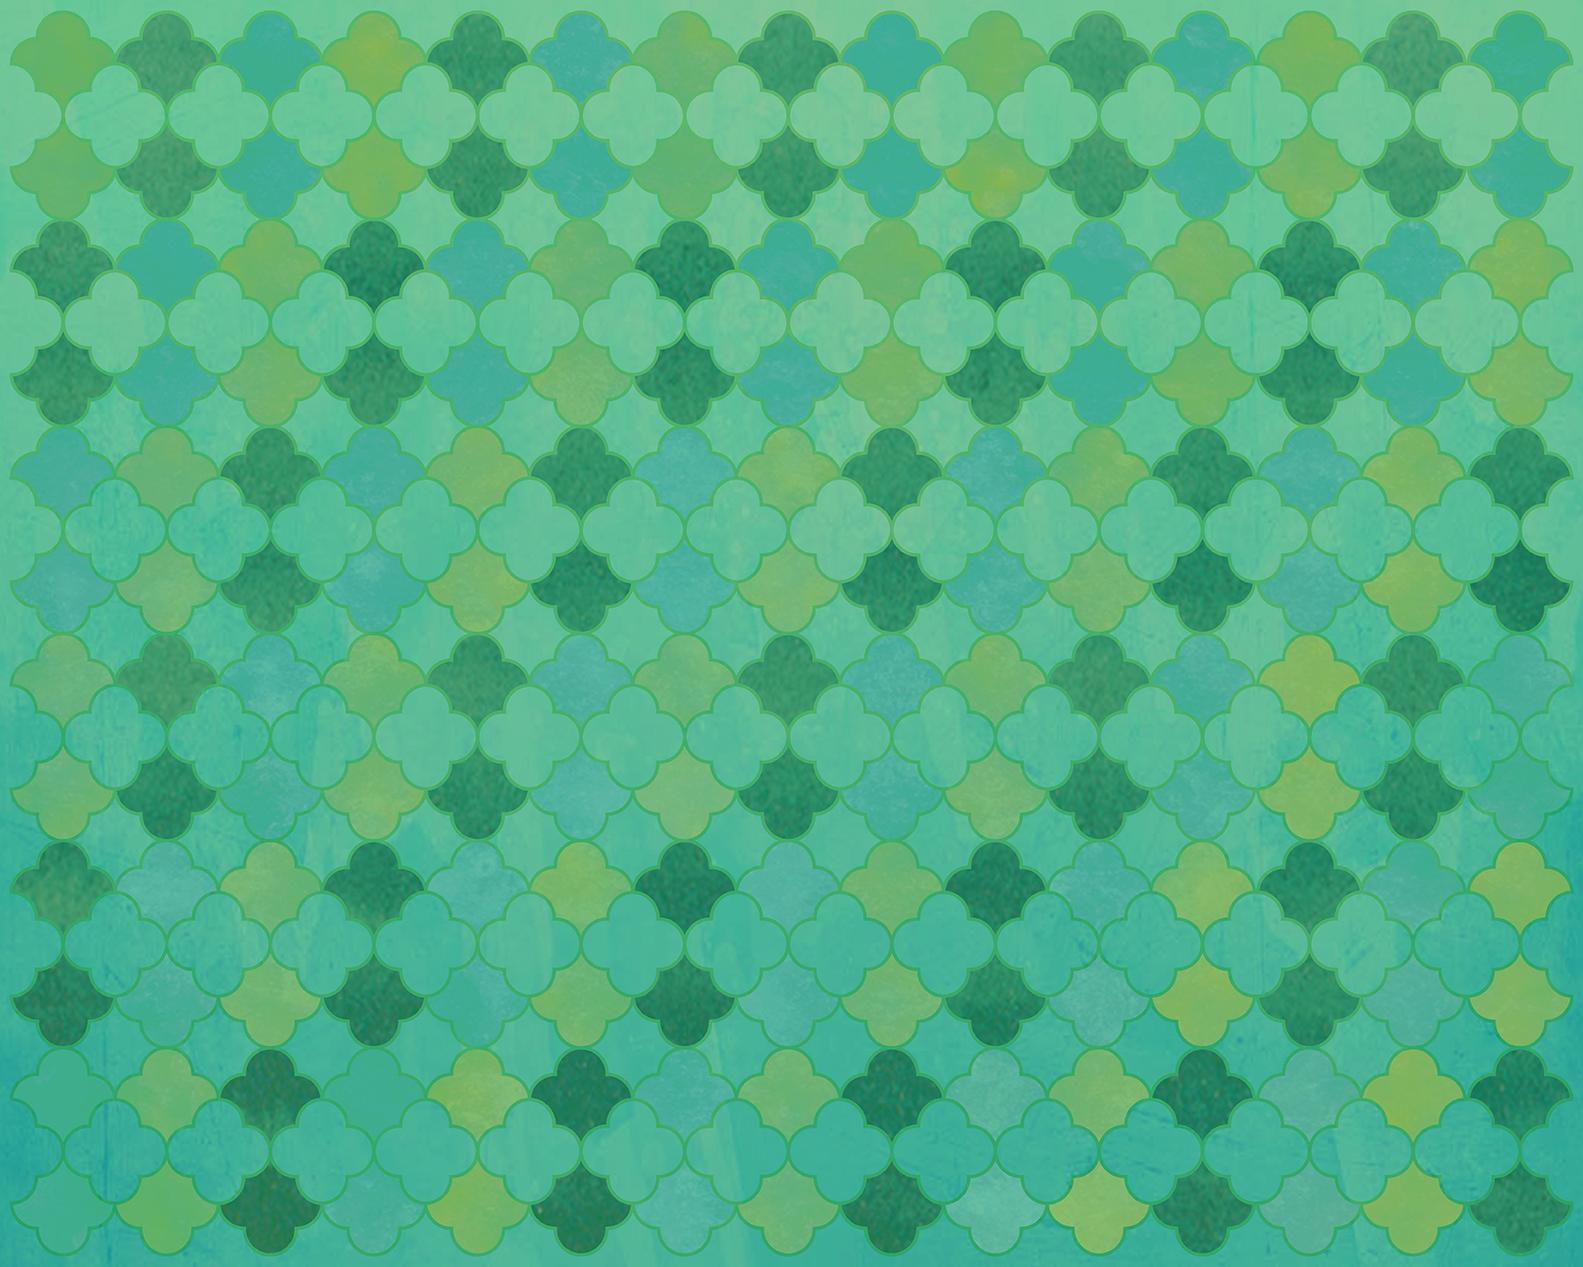 Pattern_BG_final